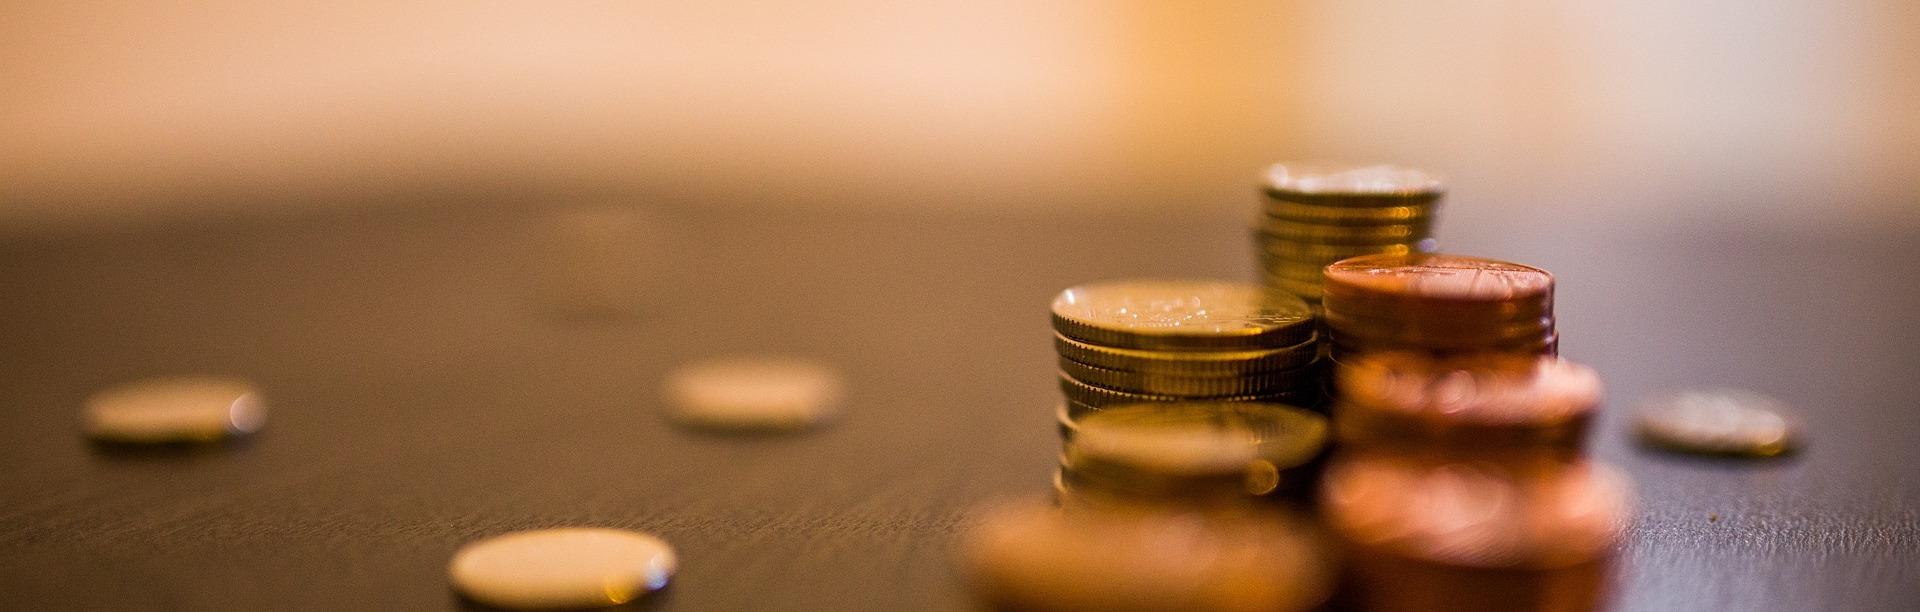 Money 767778 1920